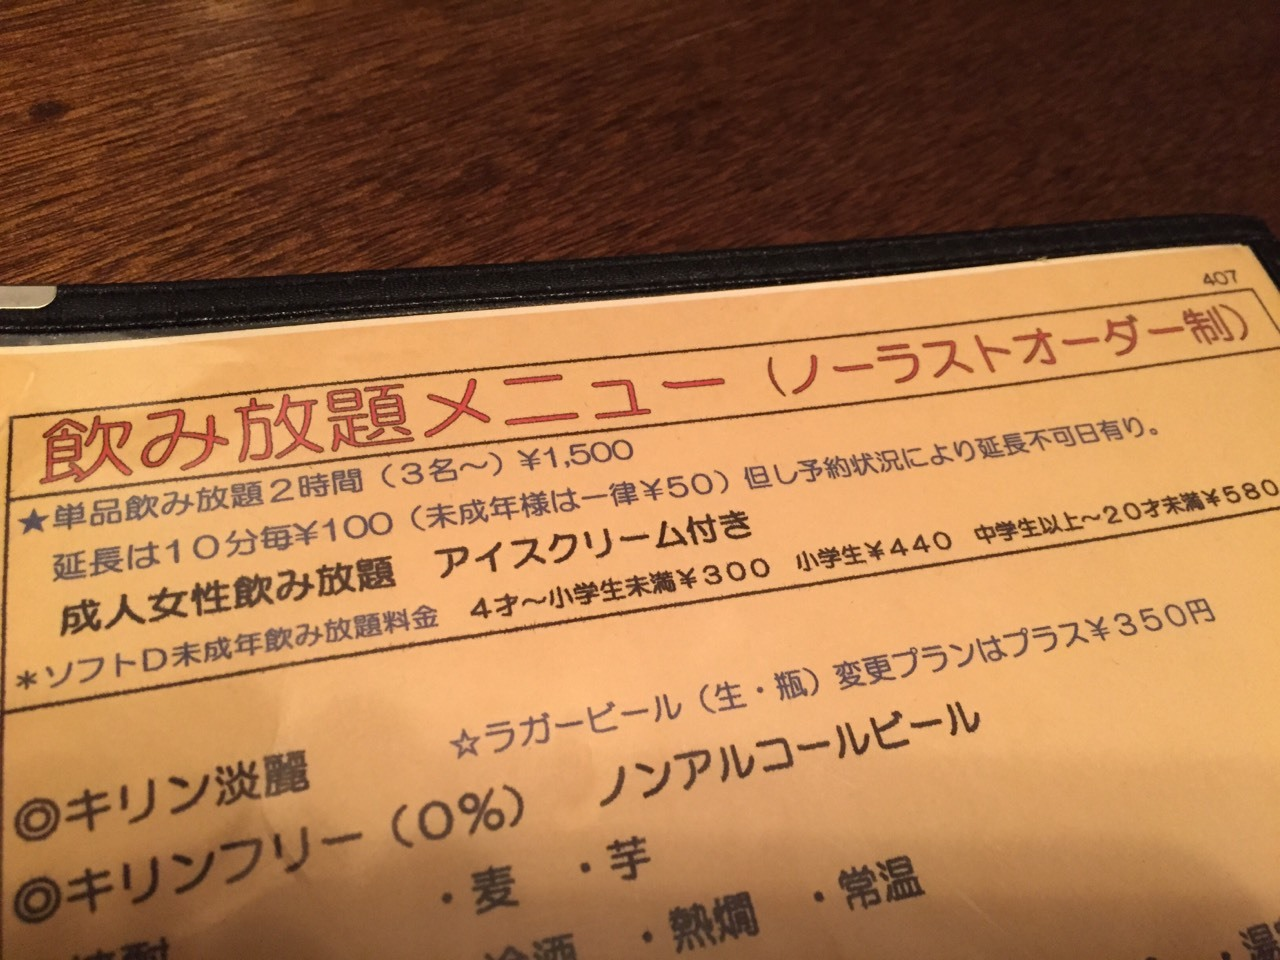 炙り焼きダイニング炭屋吉鳥   青野前夜祭_e0115904_11034765.jpg